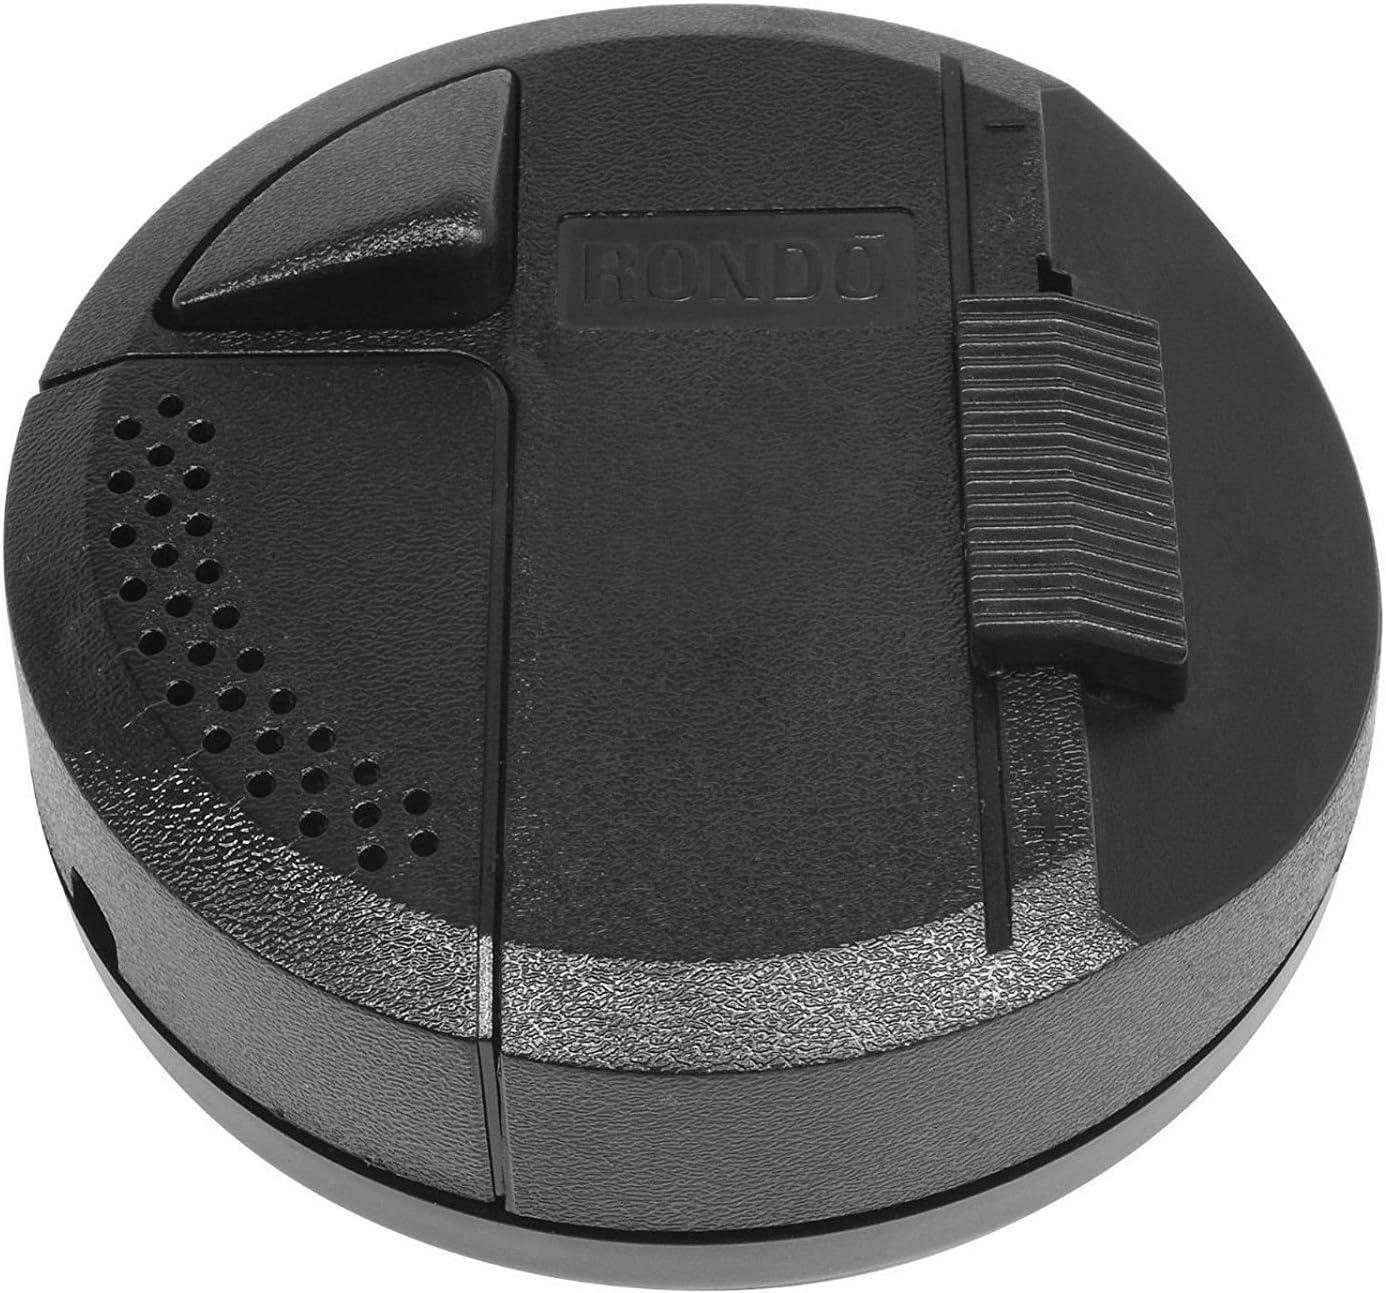 rq9706 Rondo /'4 F Noir commande Interrupteur variateur /à curseur /électronique Corde Relco